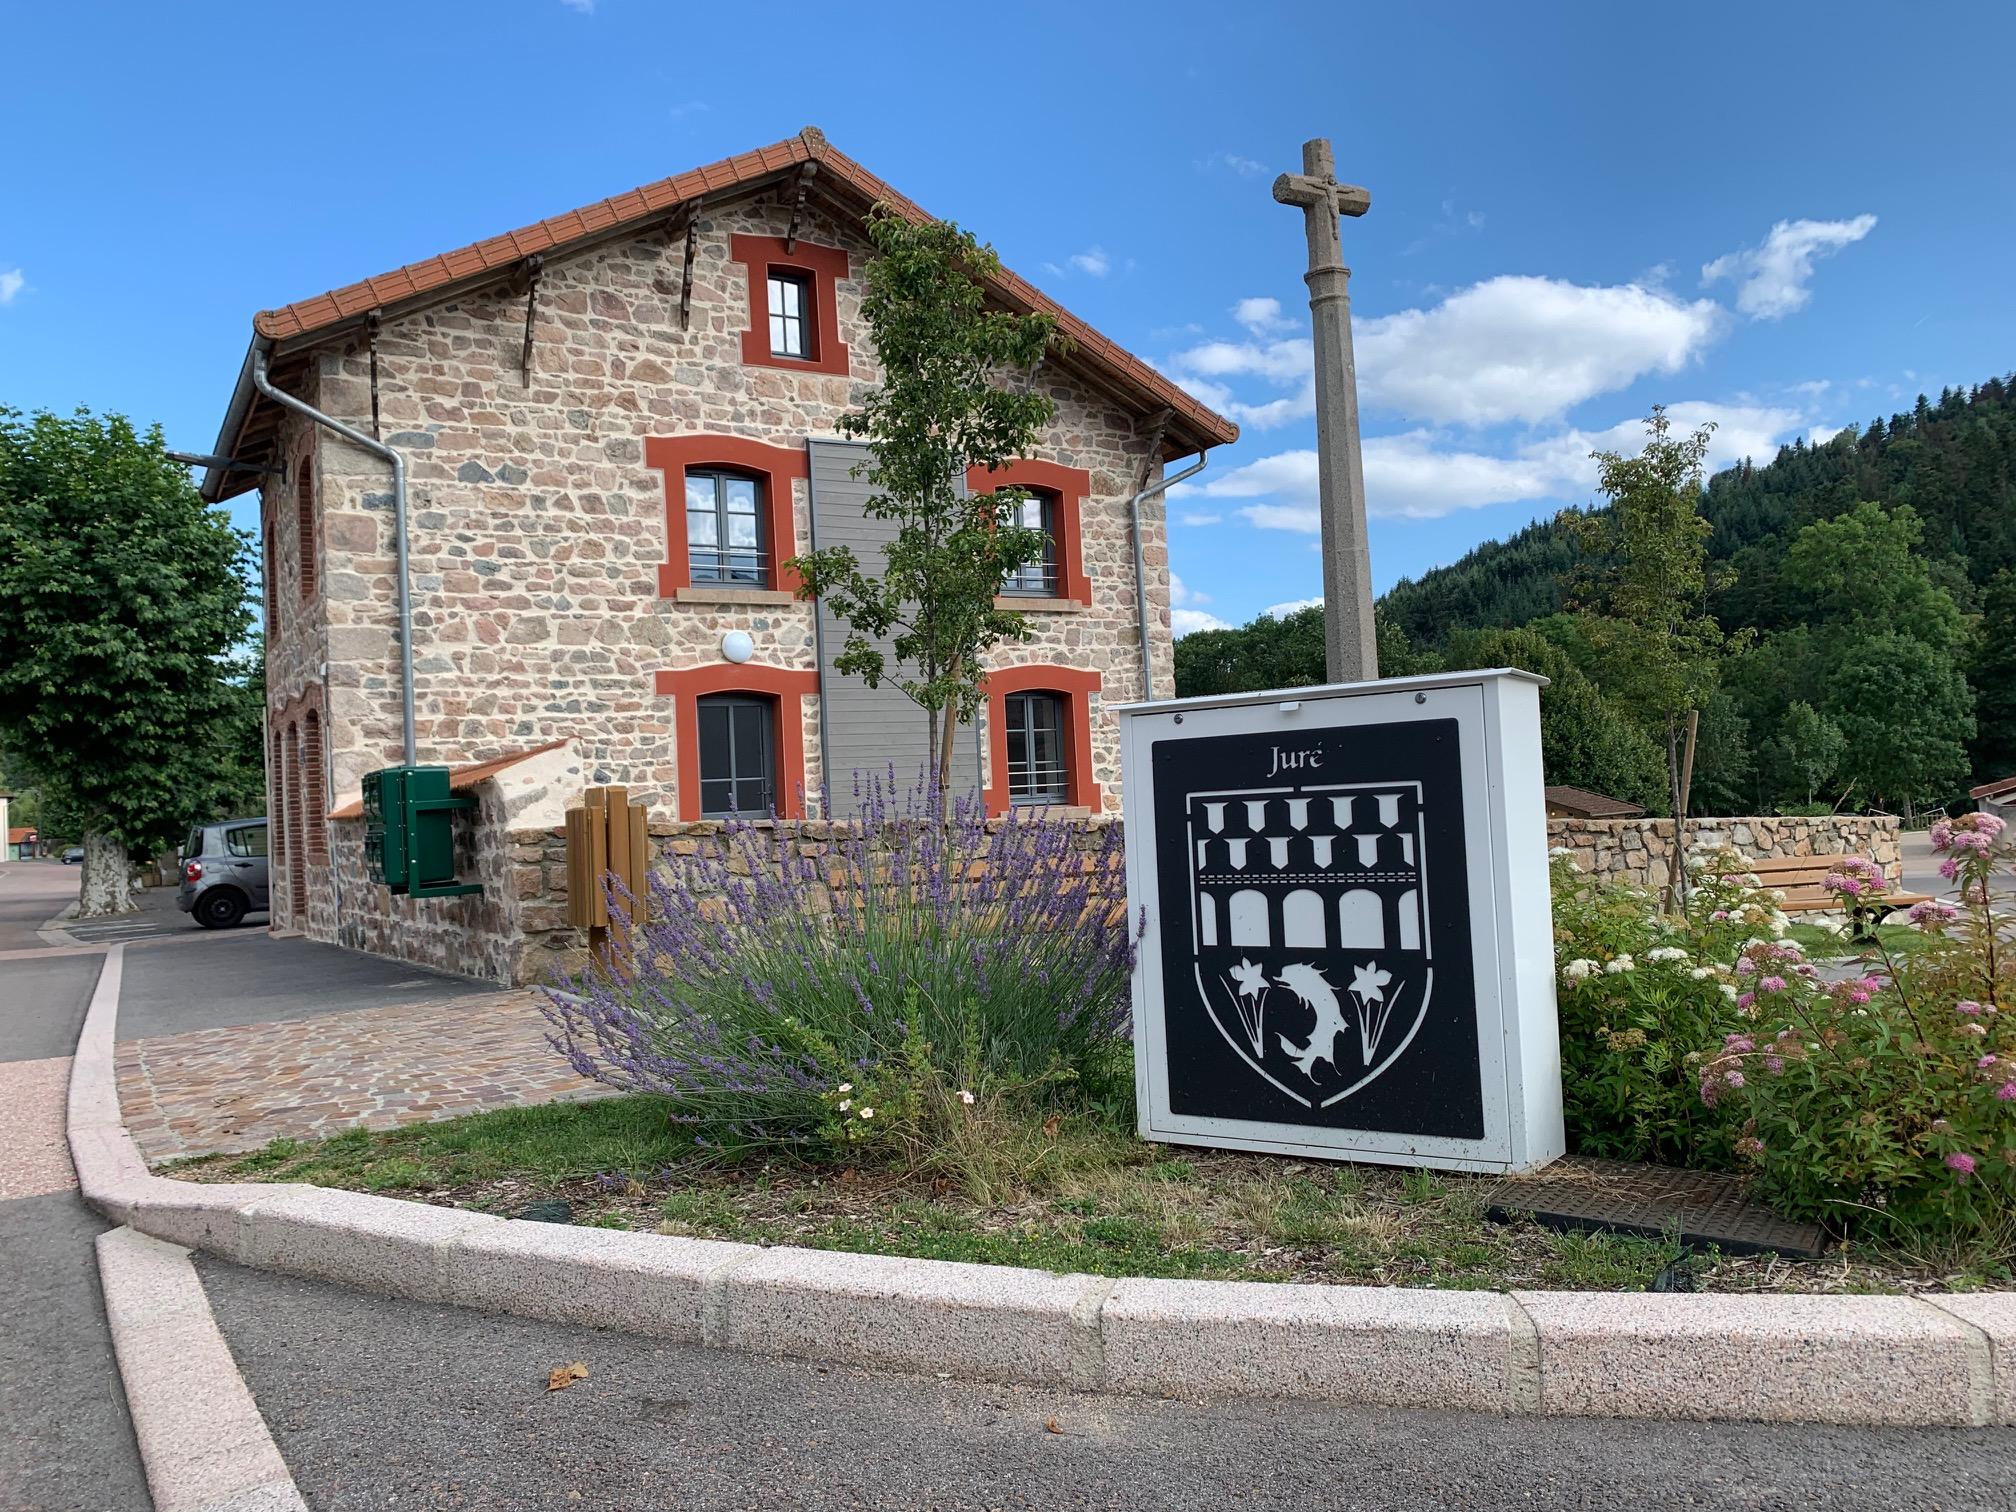 Mairie de Juré